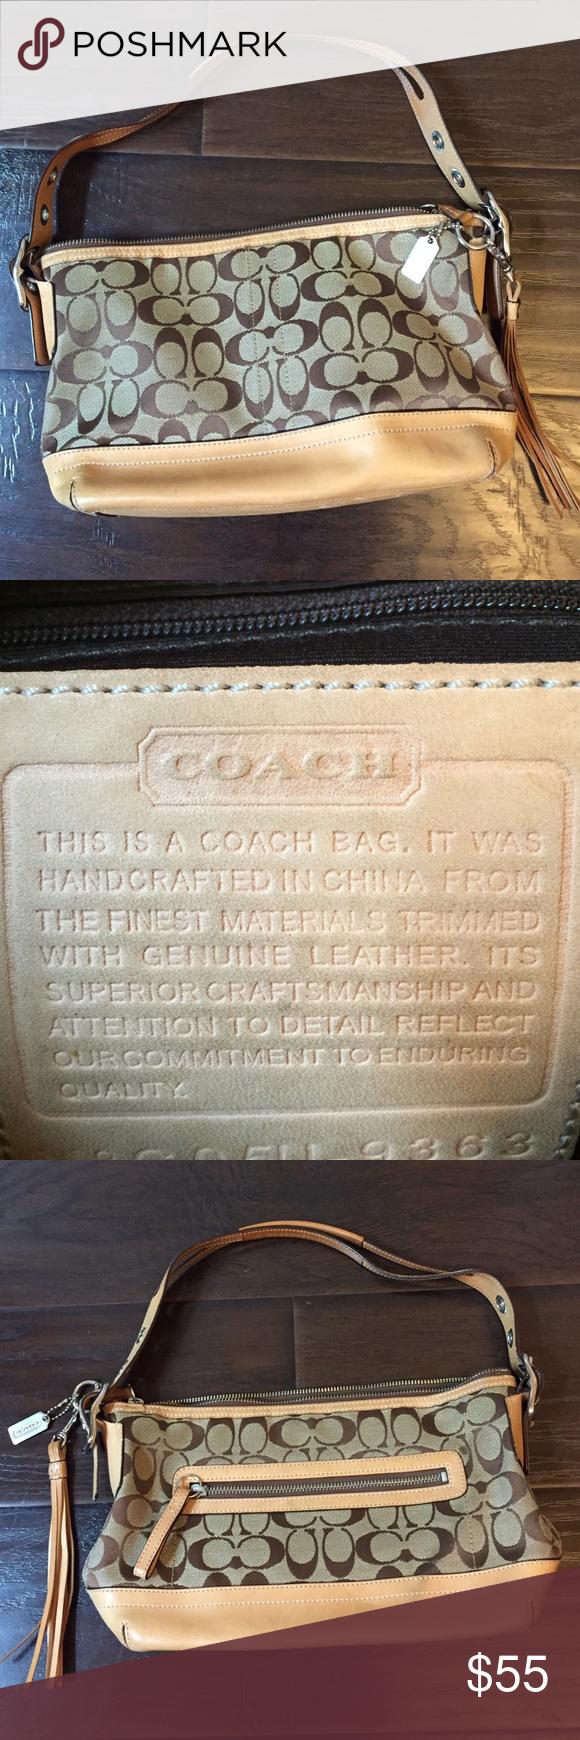 COACH purse Authentic COACH purse. Shoulder purse. No trades. Coach Bags Shoulder Bags